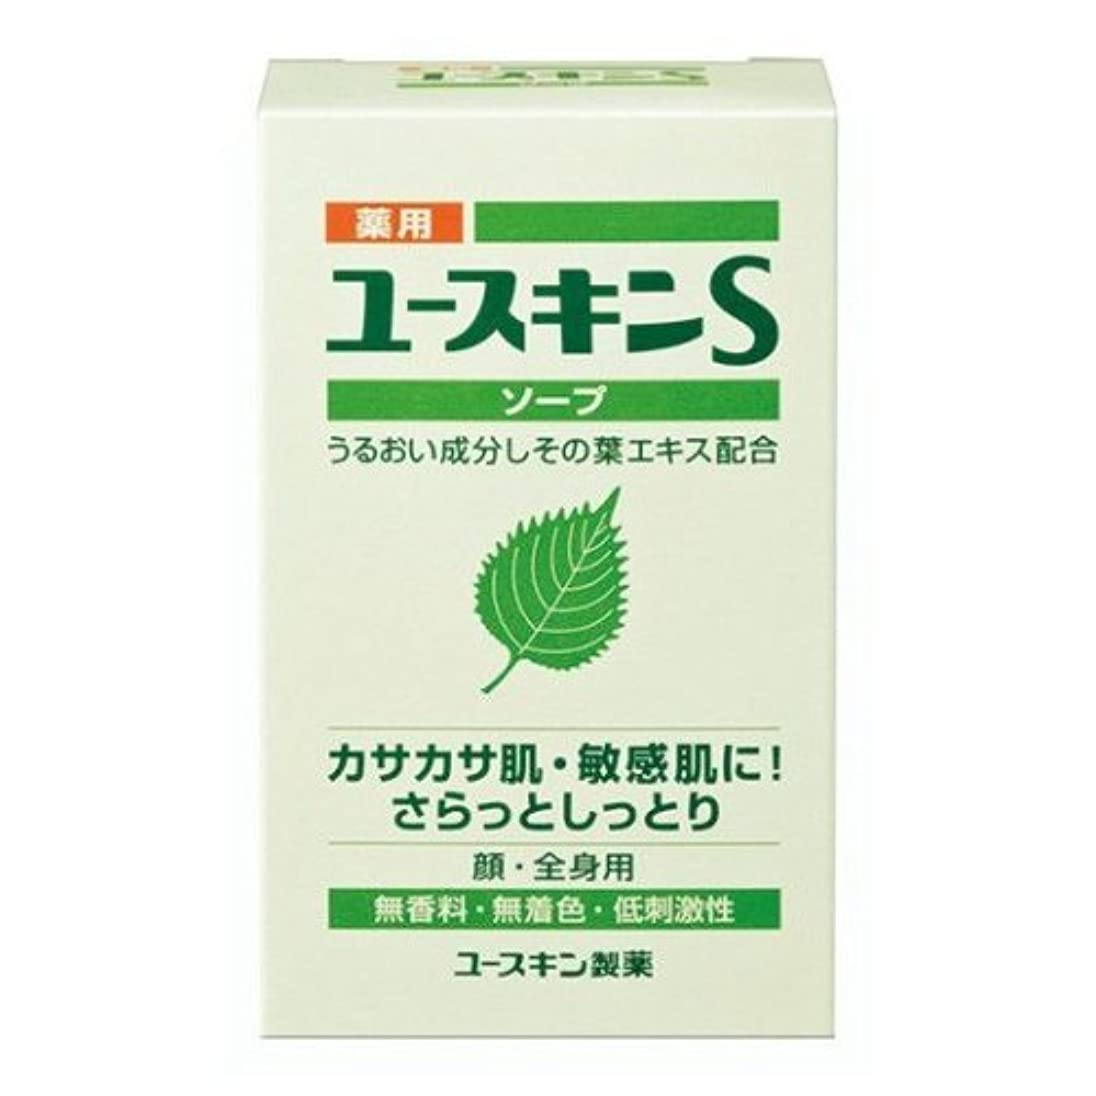 自発的器具放出薬用ユースキンS ソープ 90g (敏感肌用 透明石鹸) 【医薬部外品】